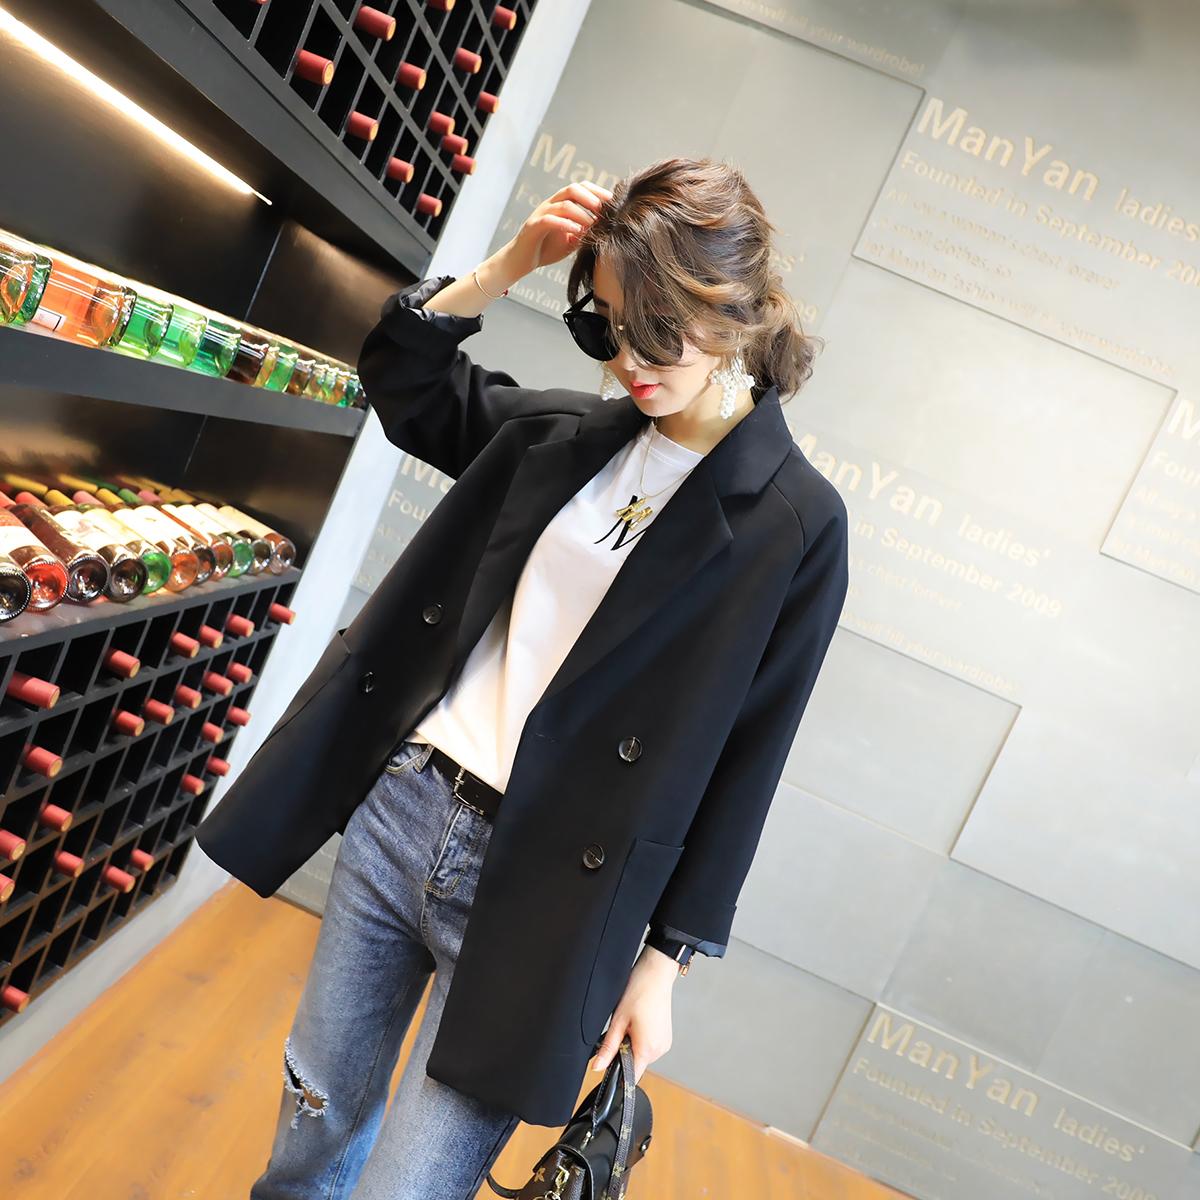 Весна 2018 новая девушка наряд корейский студент мода отворот двубортный черный chic небольшой костюм пальто женщина волна